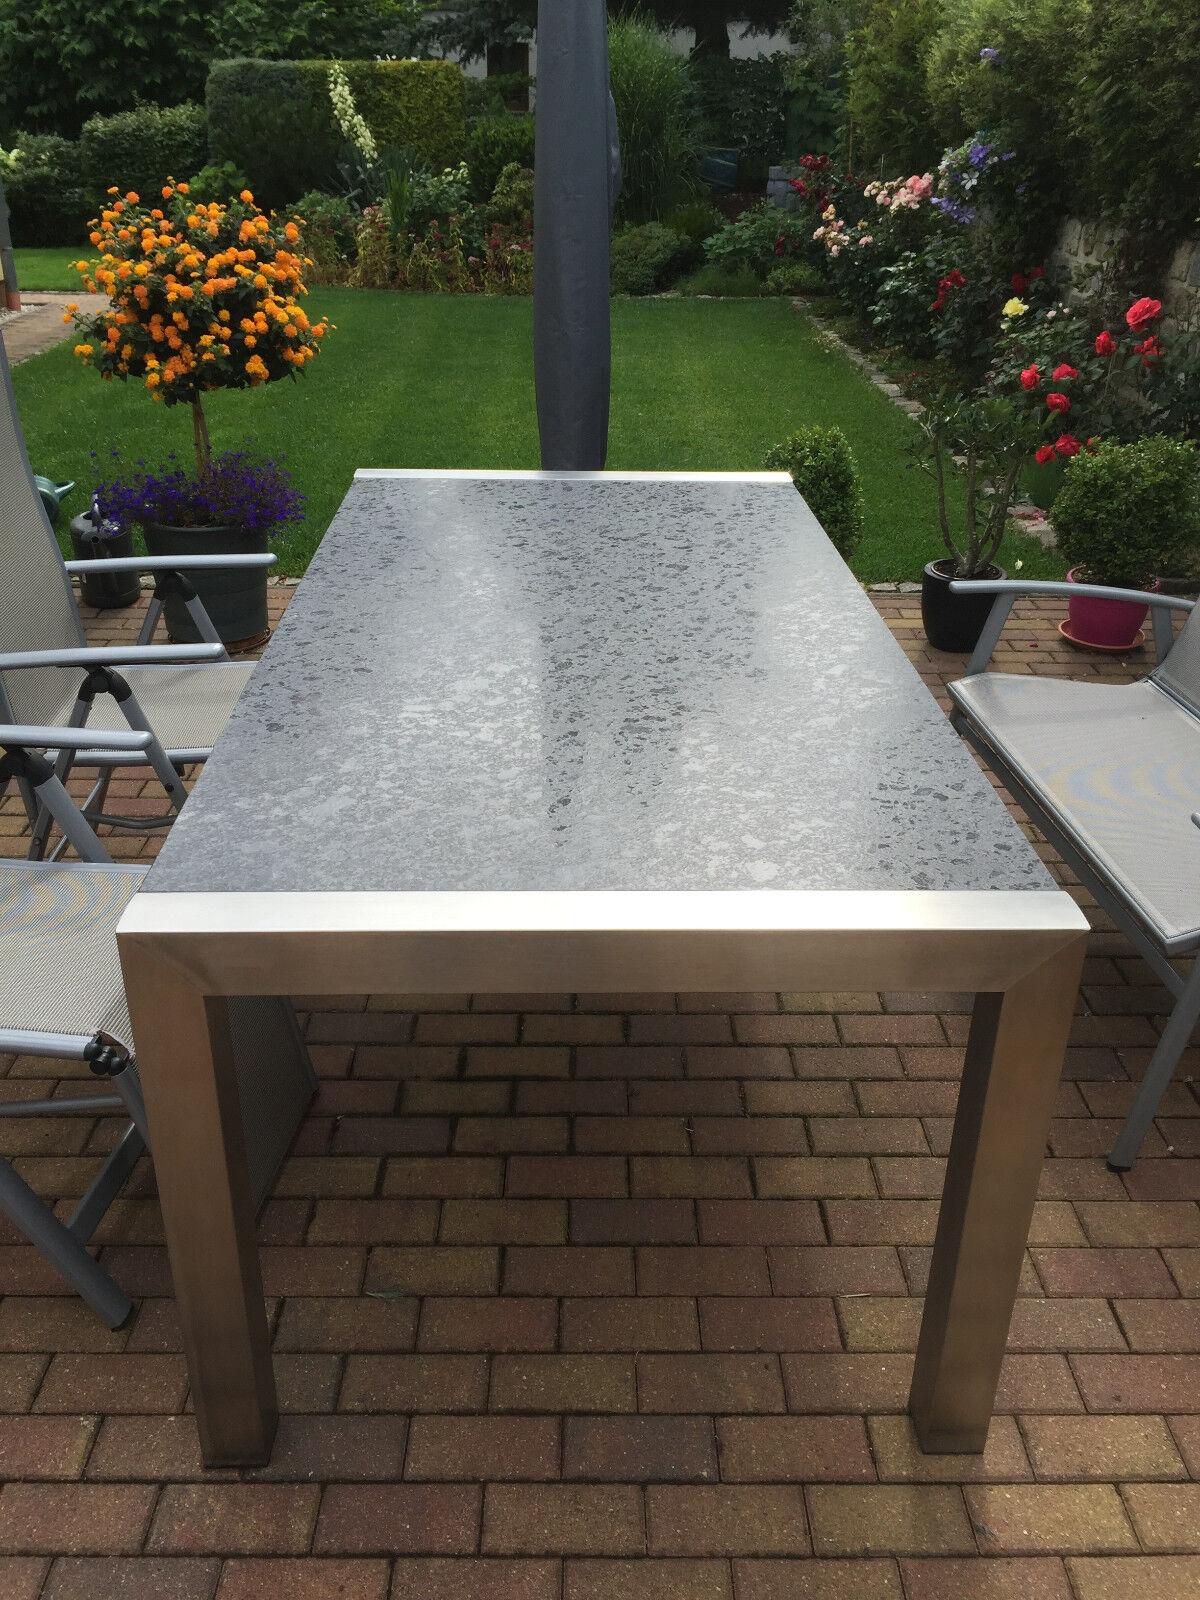 Gartentisch outdoor tisch terrassentisch granit naturstein for Terrassentisch granit